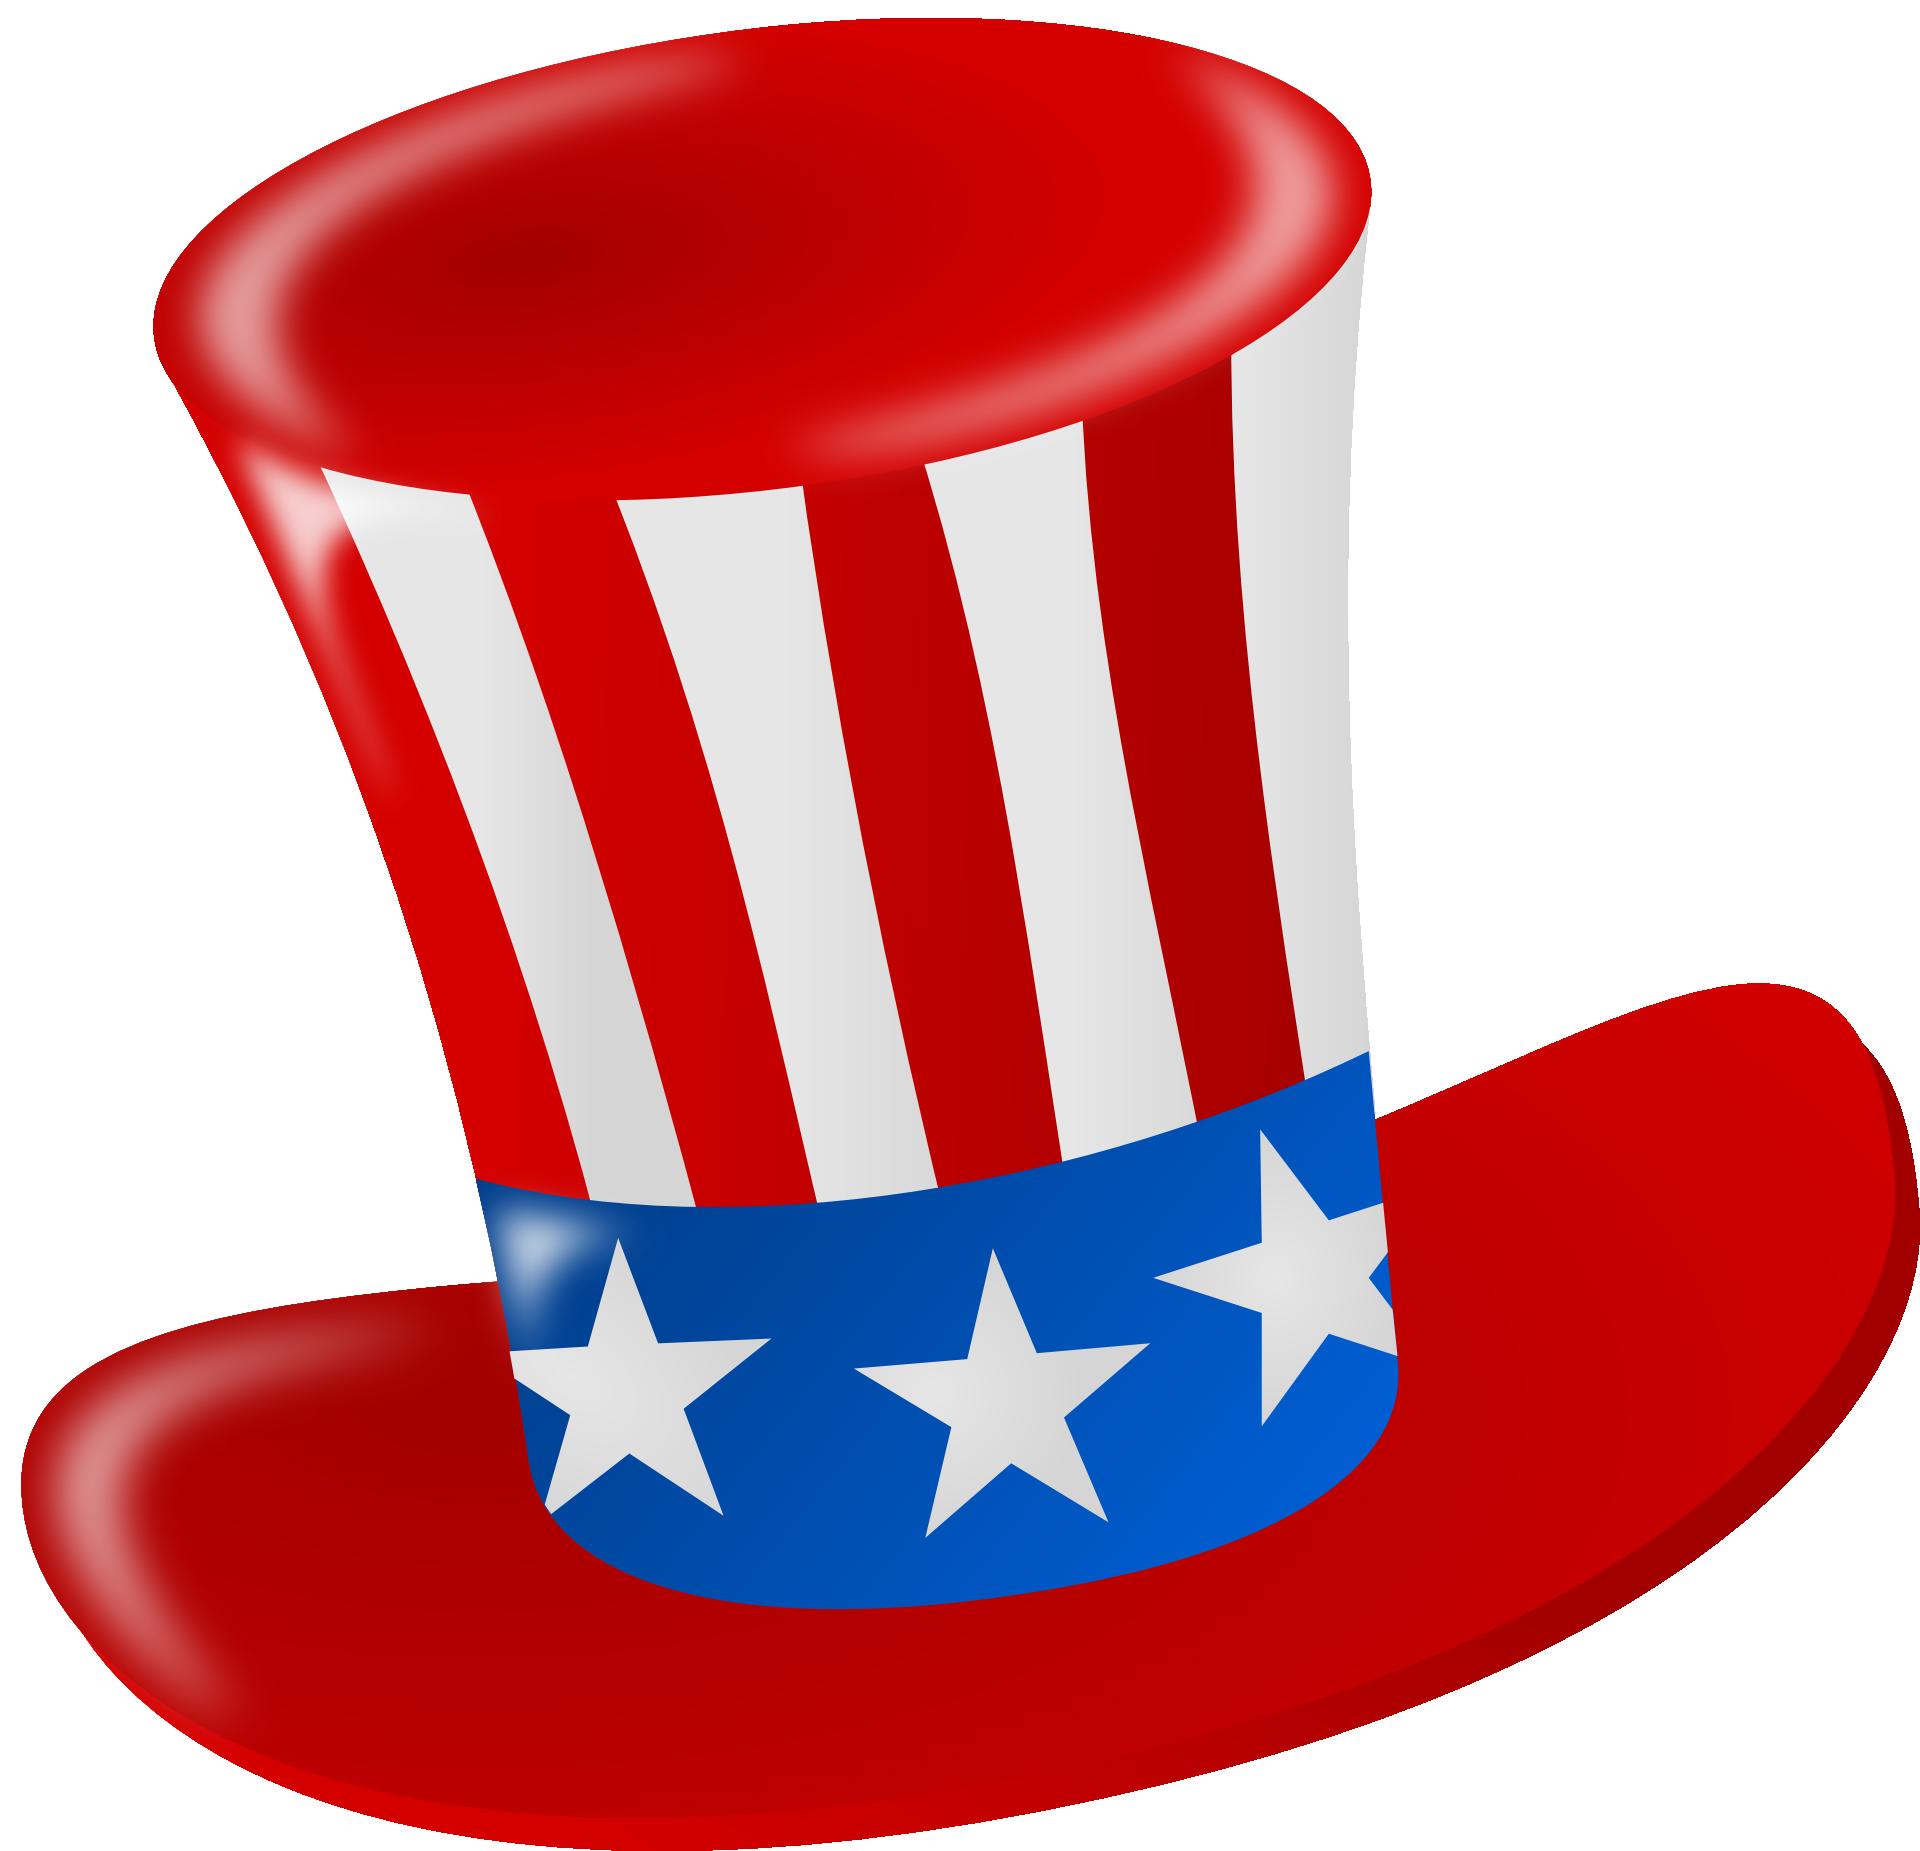 Tío Sam sombrero rojo